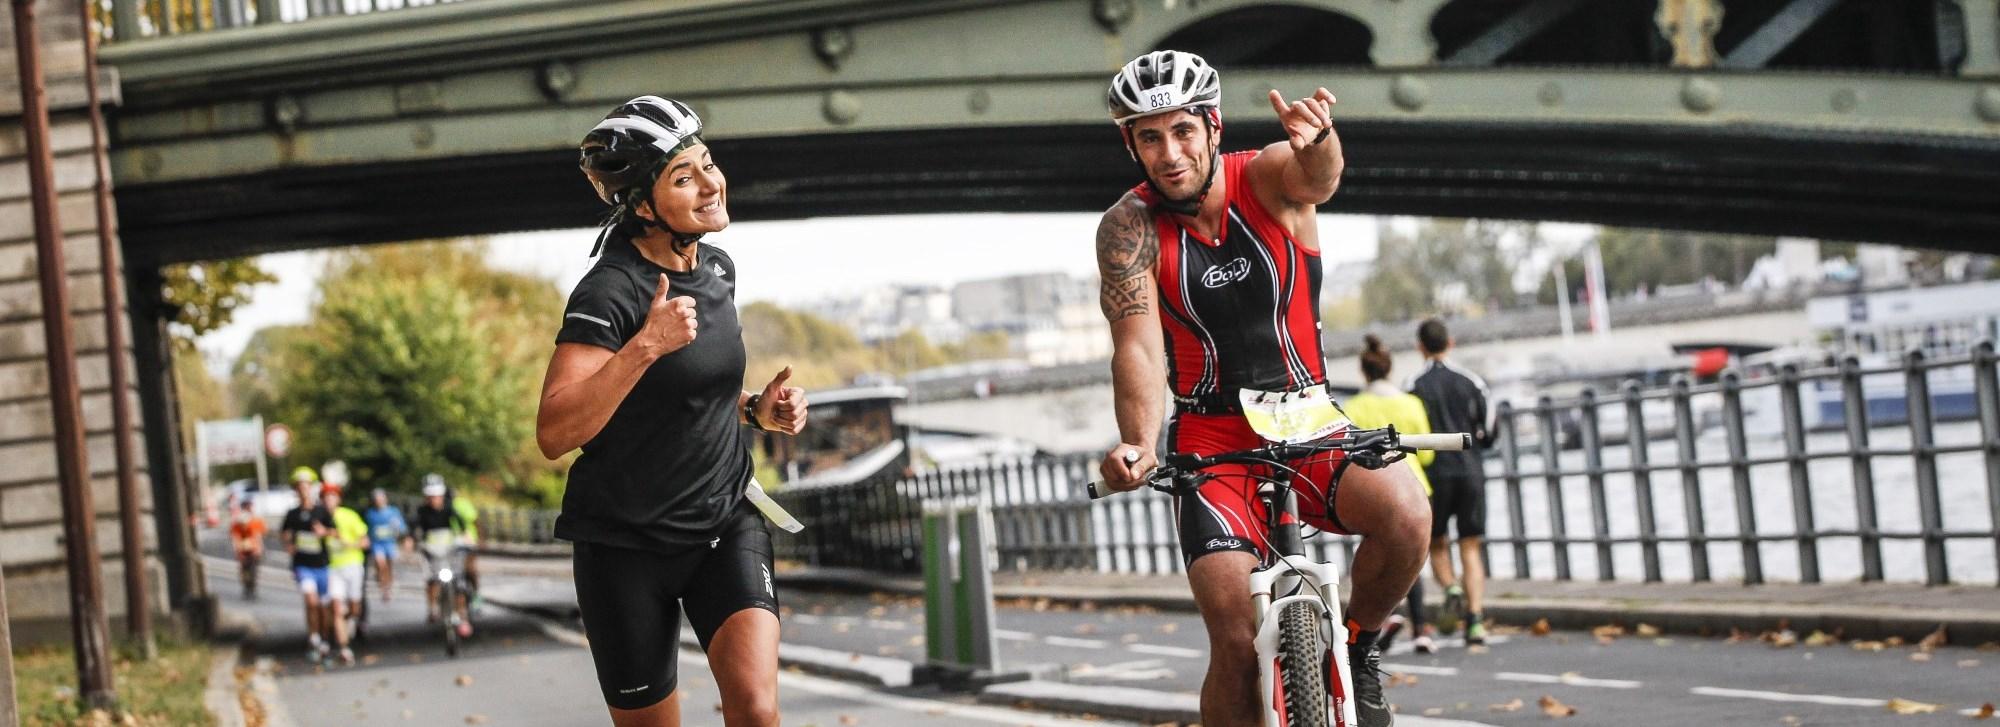 triathlon paca